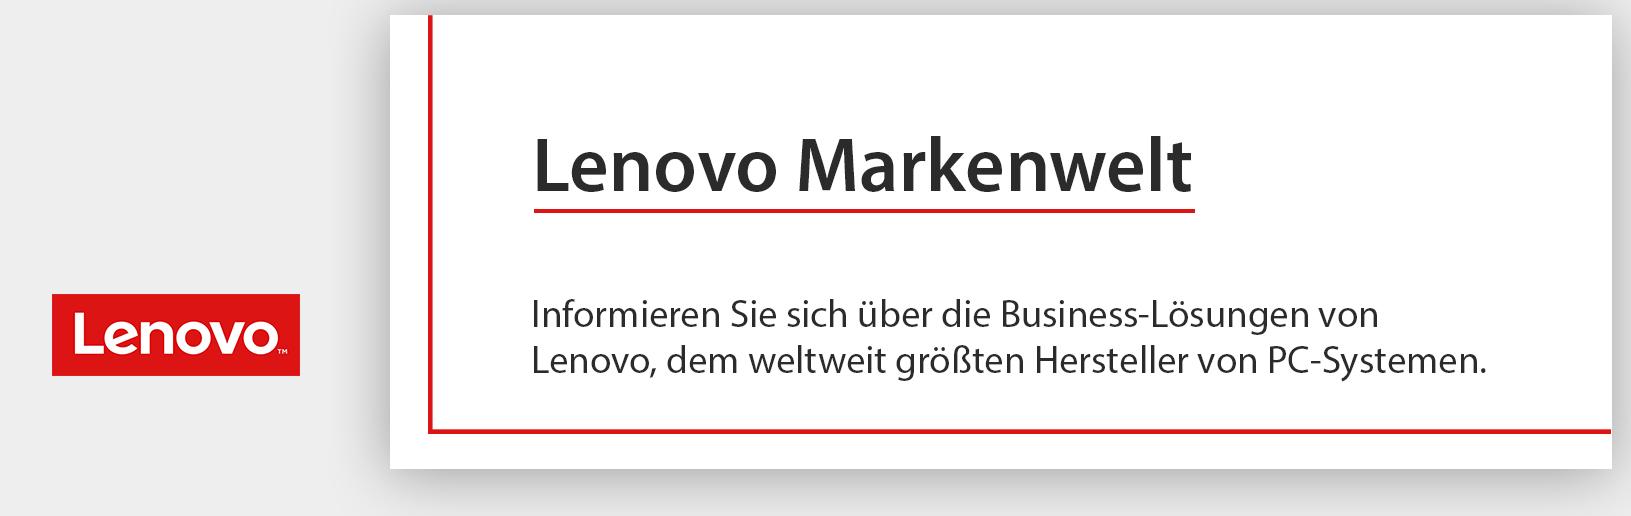 Lenovo-Markenwelten